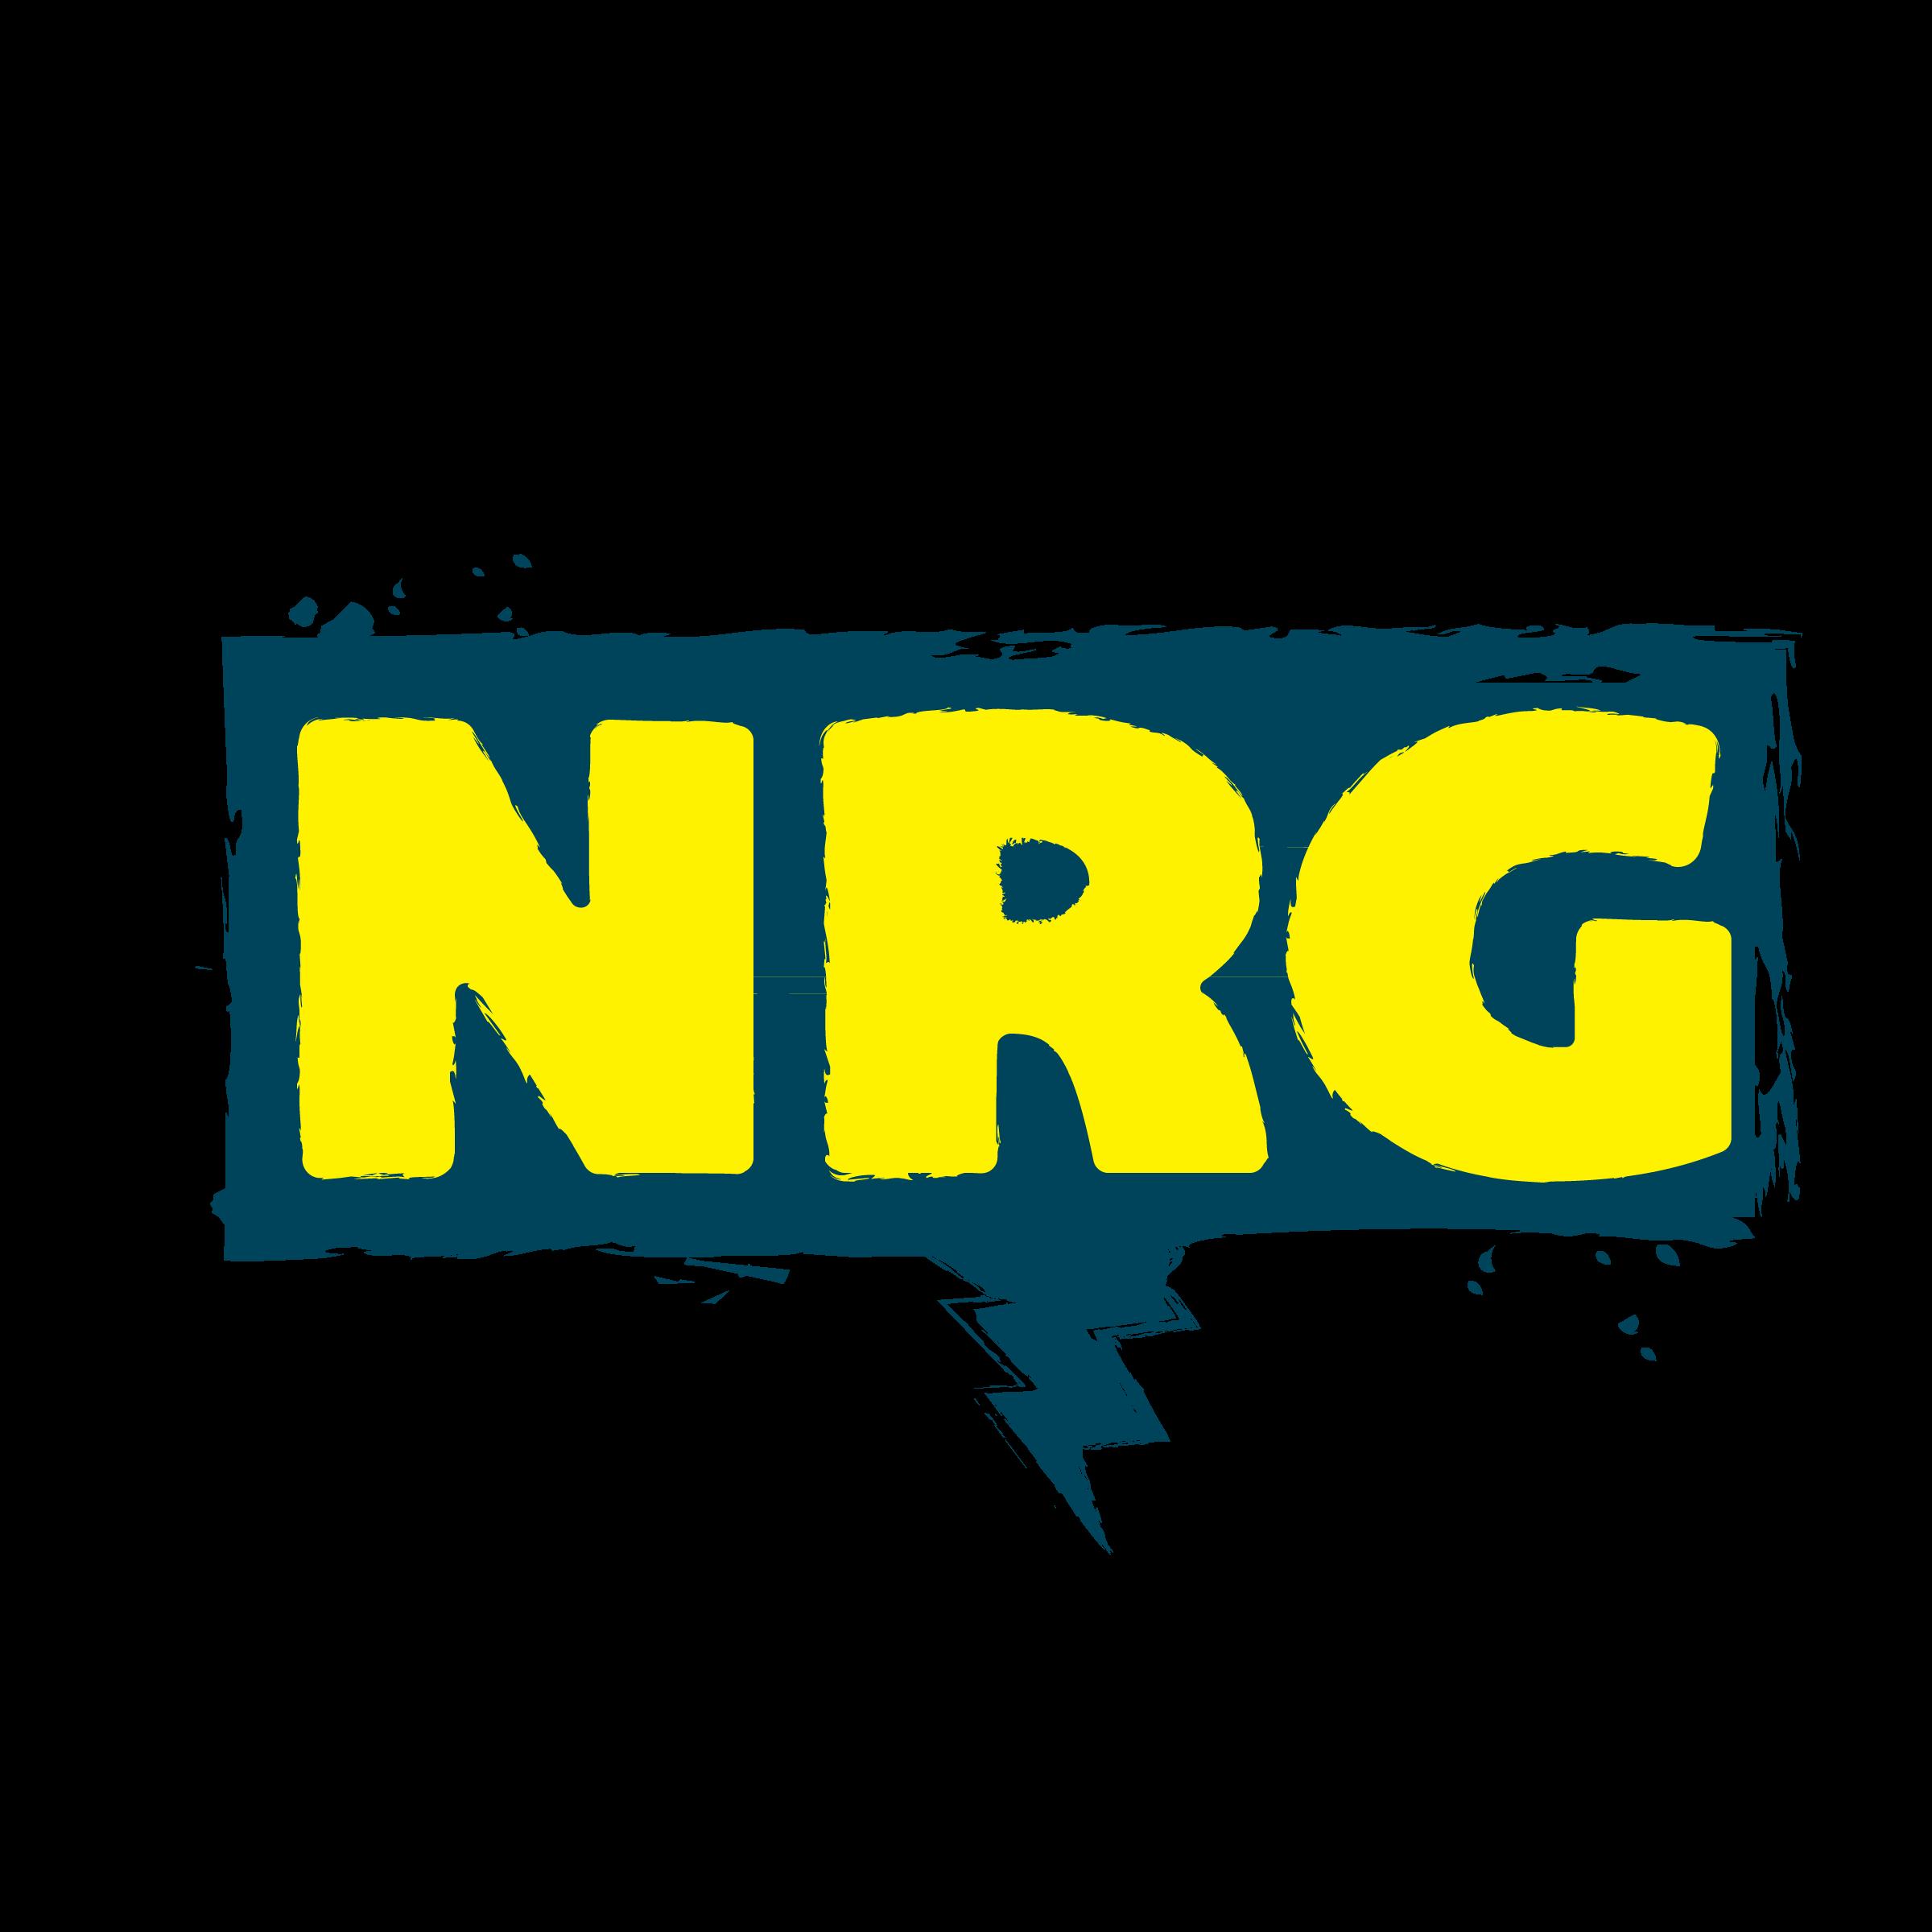 NRG_logo-11.png